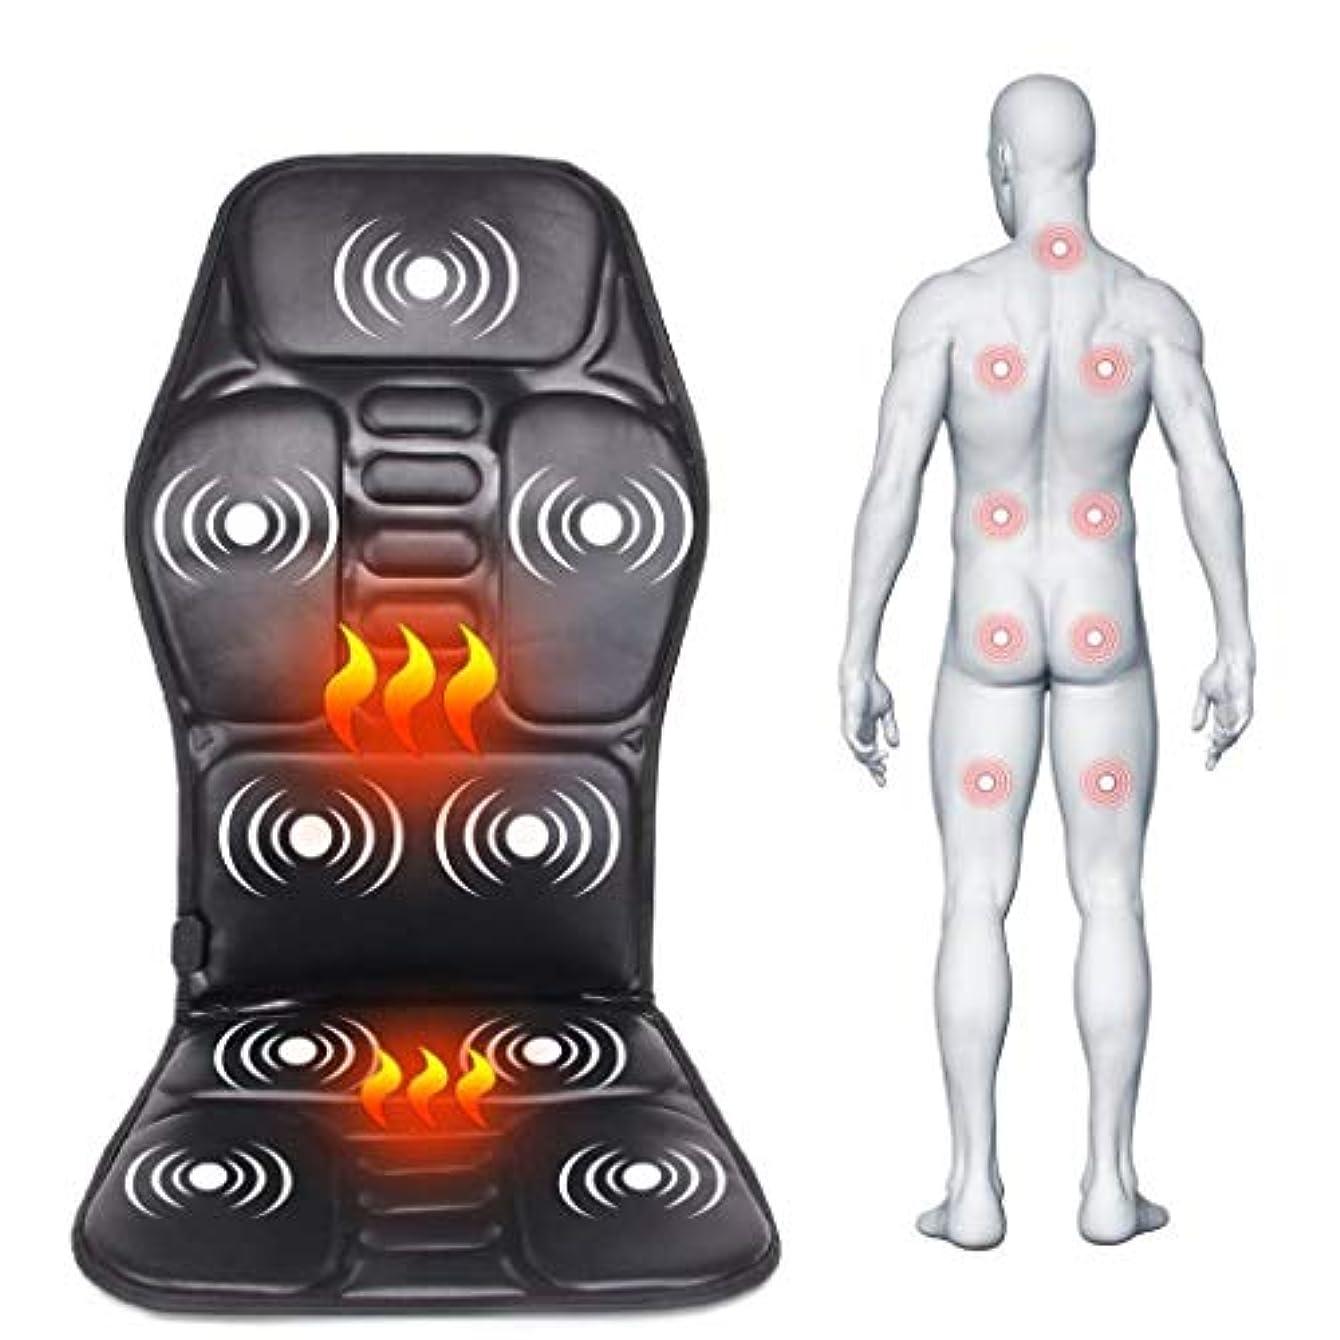 氏傾向醸造所マッサージクッション、電動ポータブル暖房/振動/マッサージ、カー/ホーム/オフィスでの使用、腰と首の痛みを和らげるには、血液循環を促進、疲労を和らげます